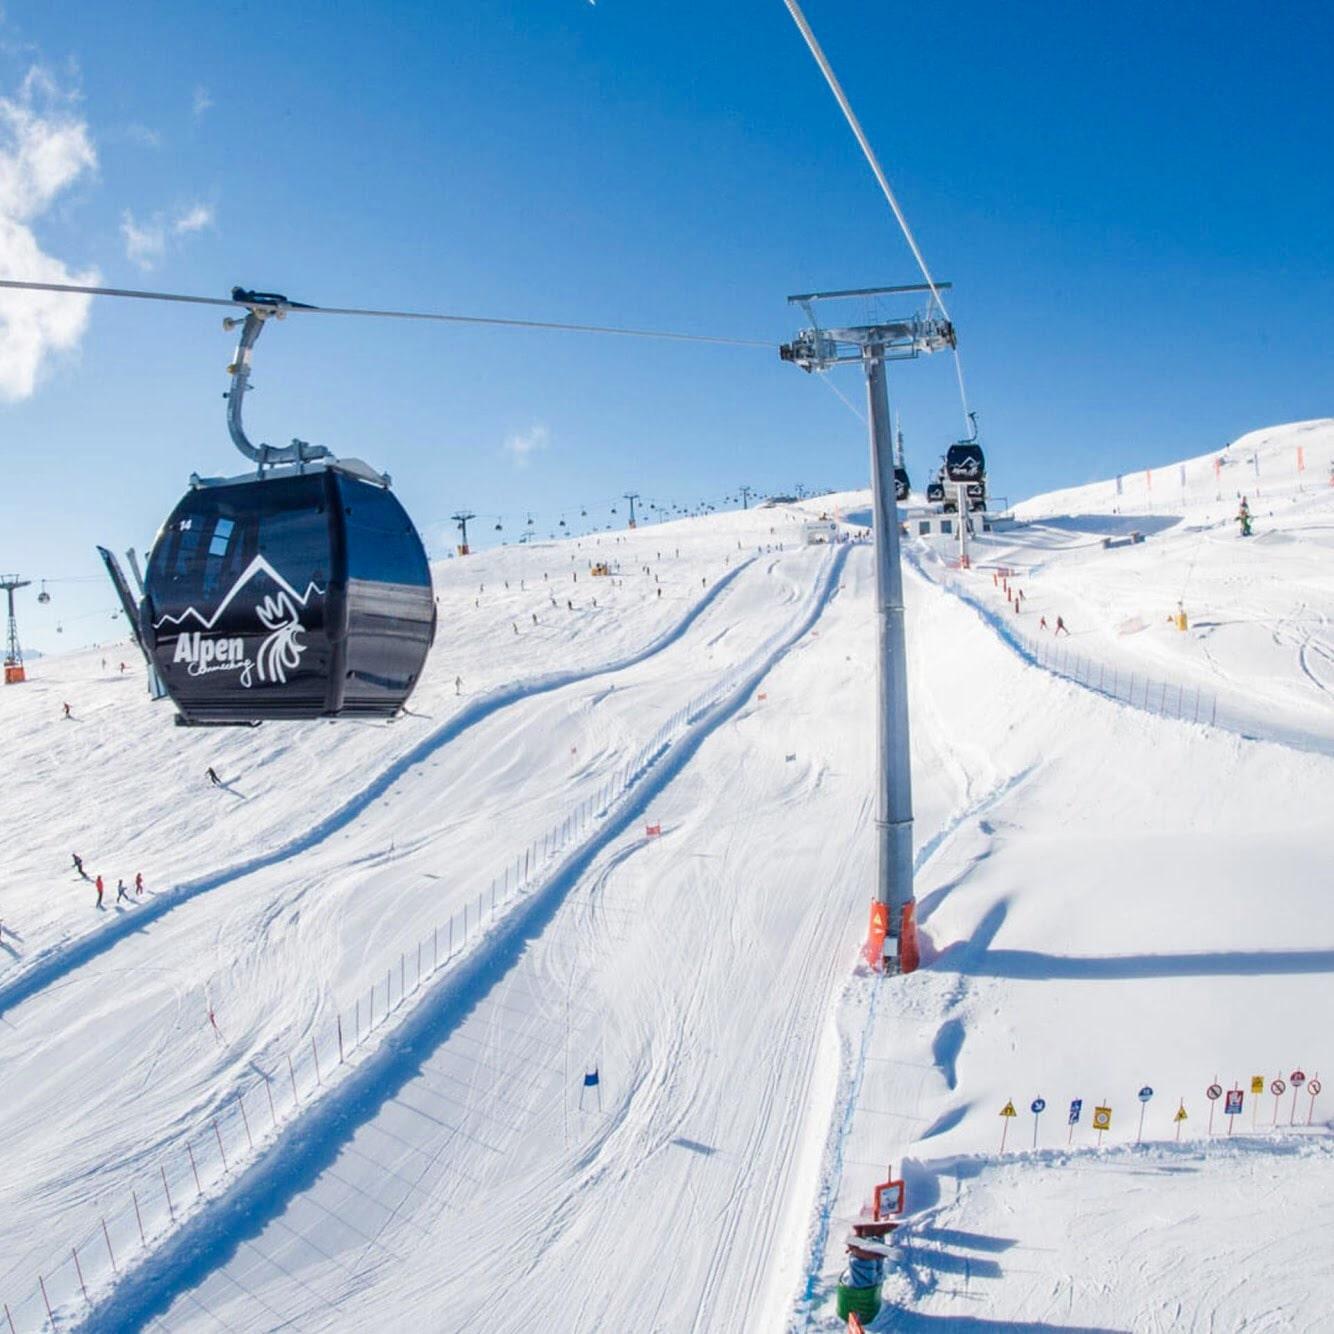 škola-skijanja-kronplatz-skijaški-klub-carving-2